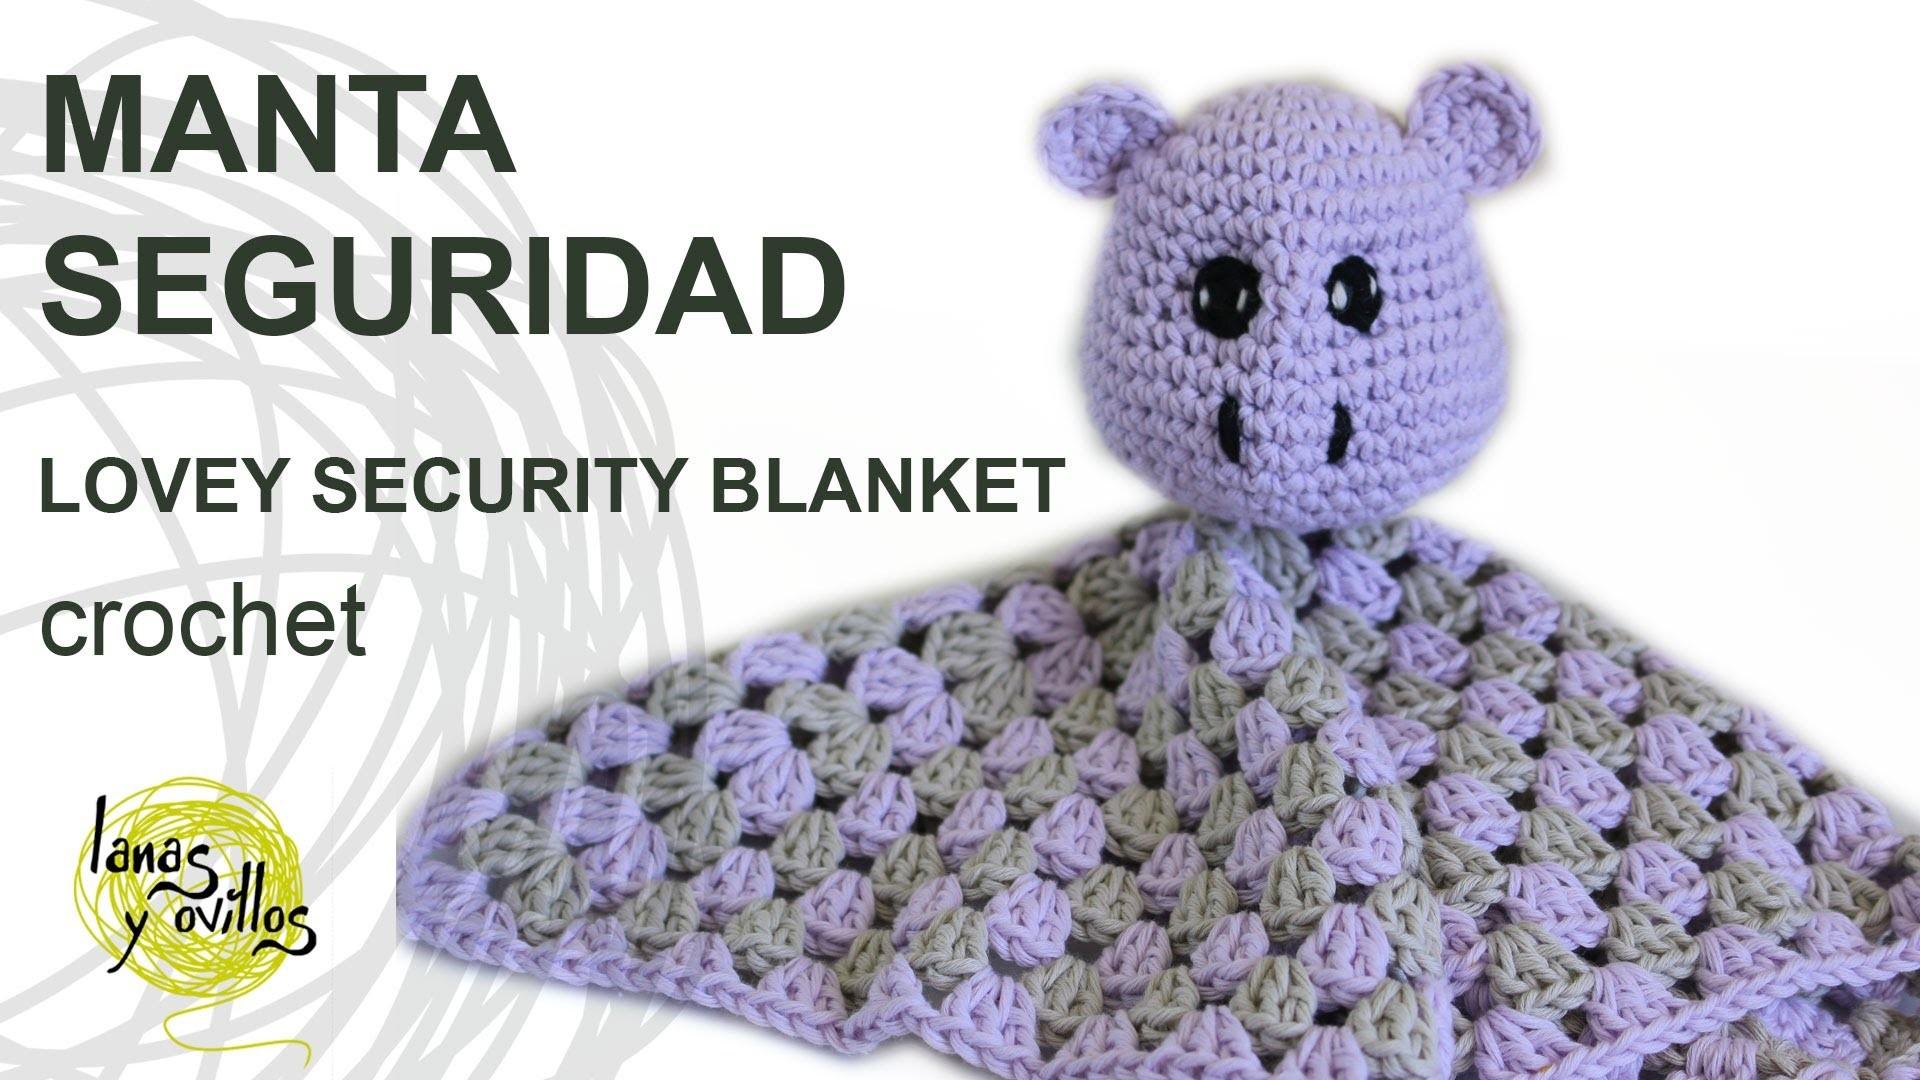 Tutorial Manta Seguridad Crochet o Ganchillo Lovey Hippo